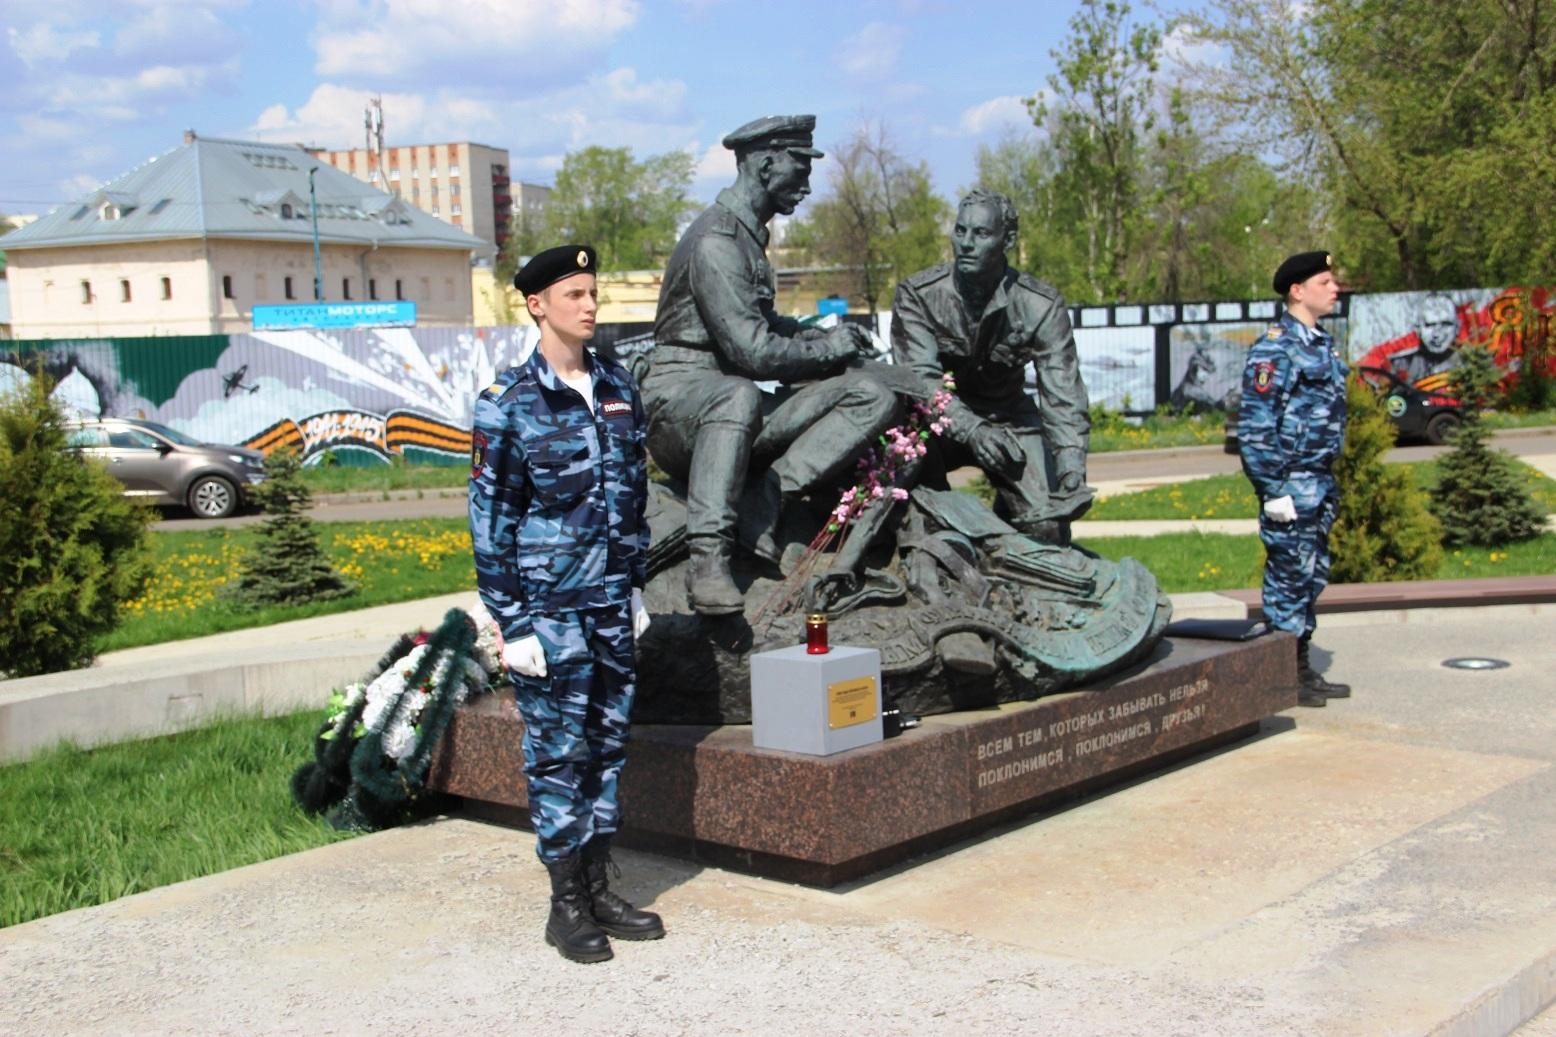 Депутаты-коммунисты приняли участие в памятном мероприятии у мемориала военным финансистам (фоторепортаж)